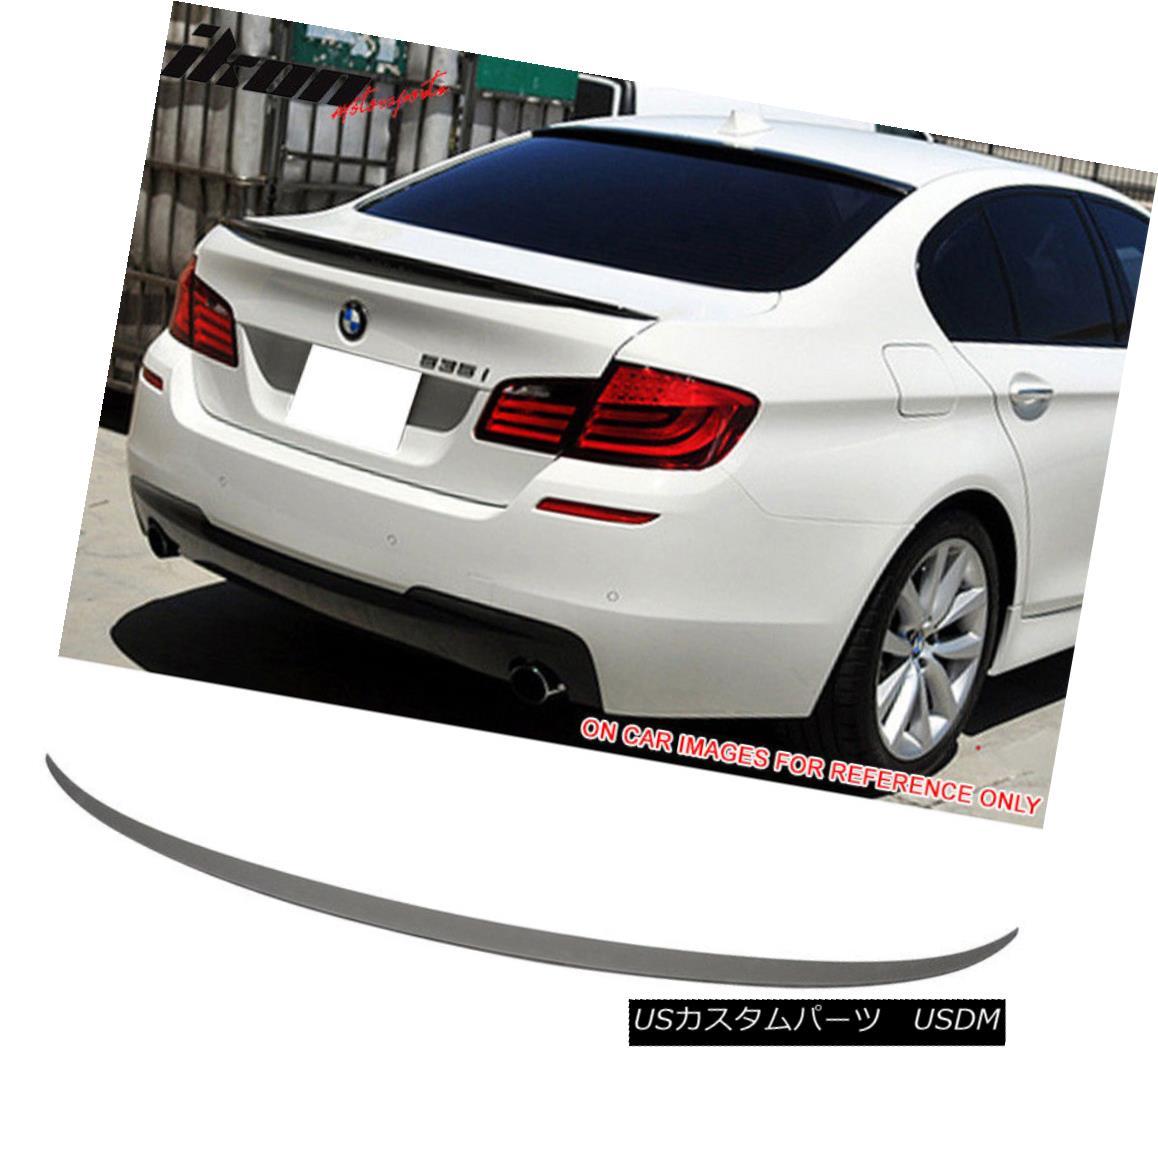 エアロパーツ Fits 11-16 BMW 5-Series F10 Sedan M5 Style Trunk Spoiler Painted Matte Black フィット11-16 BMW 5シリーズF10セダンM5スタイルトランクスポイラー塗装マットブラック